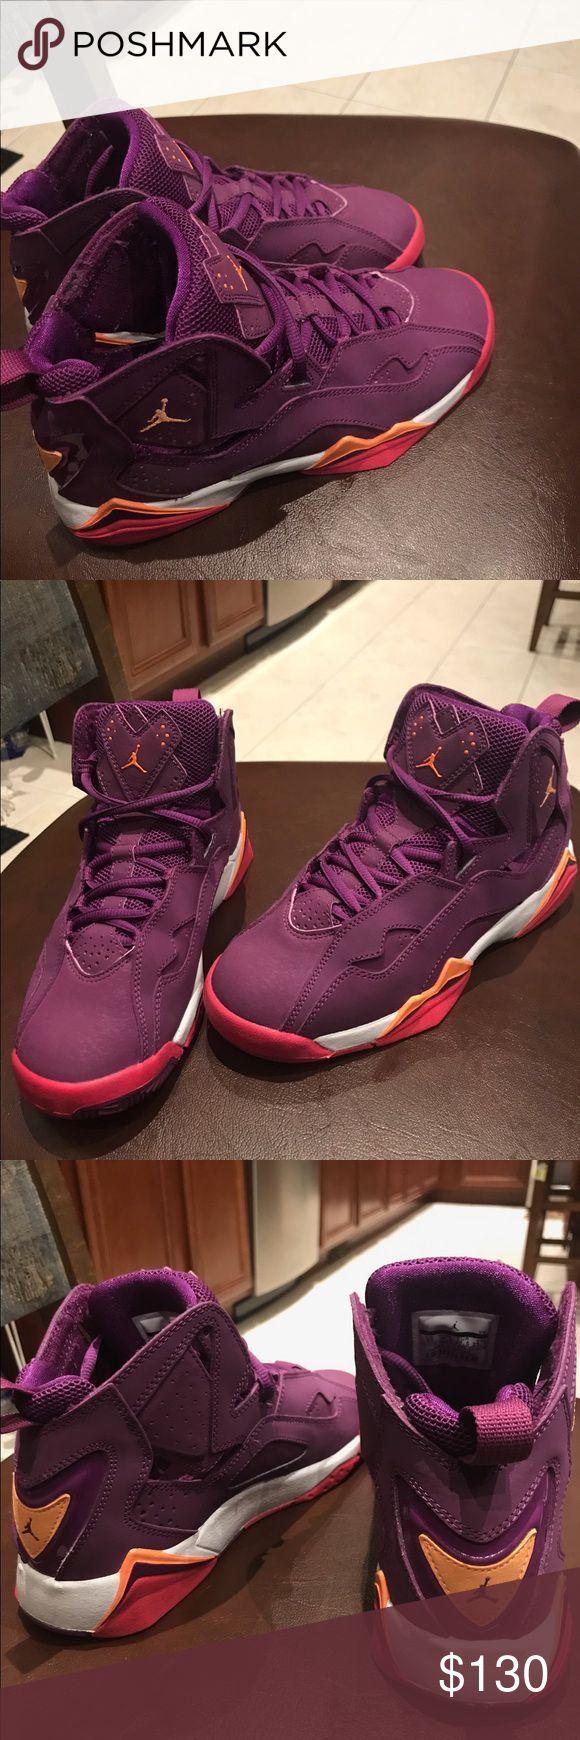 Jordan true flights Worn twice, price is negotiable. Jordan Shoes Sneakers